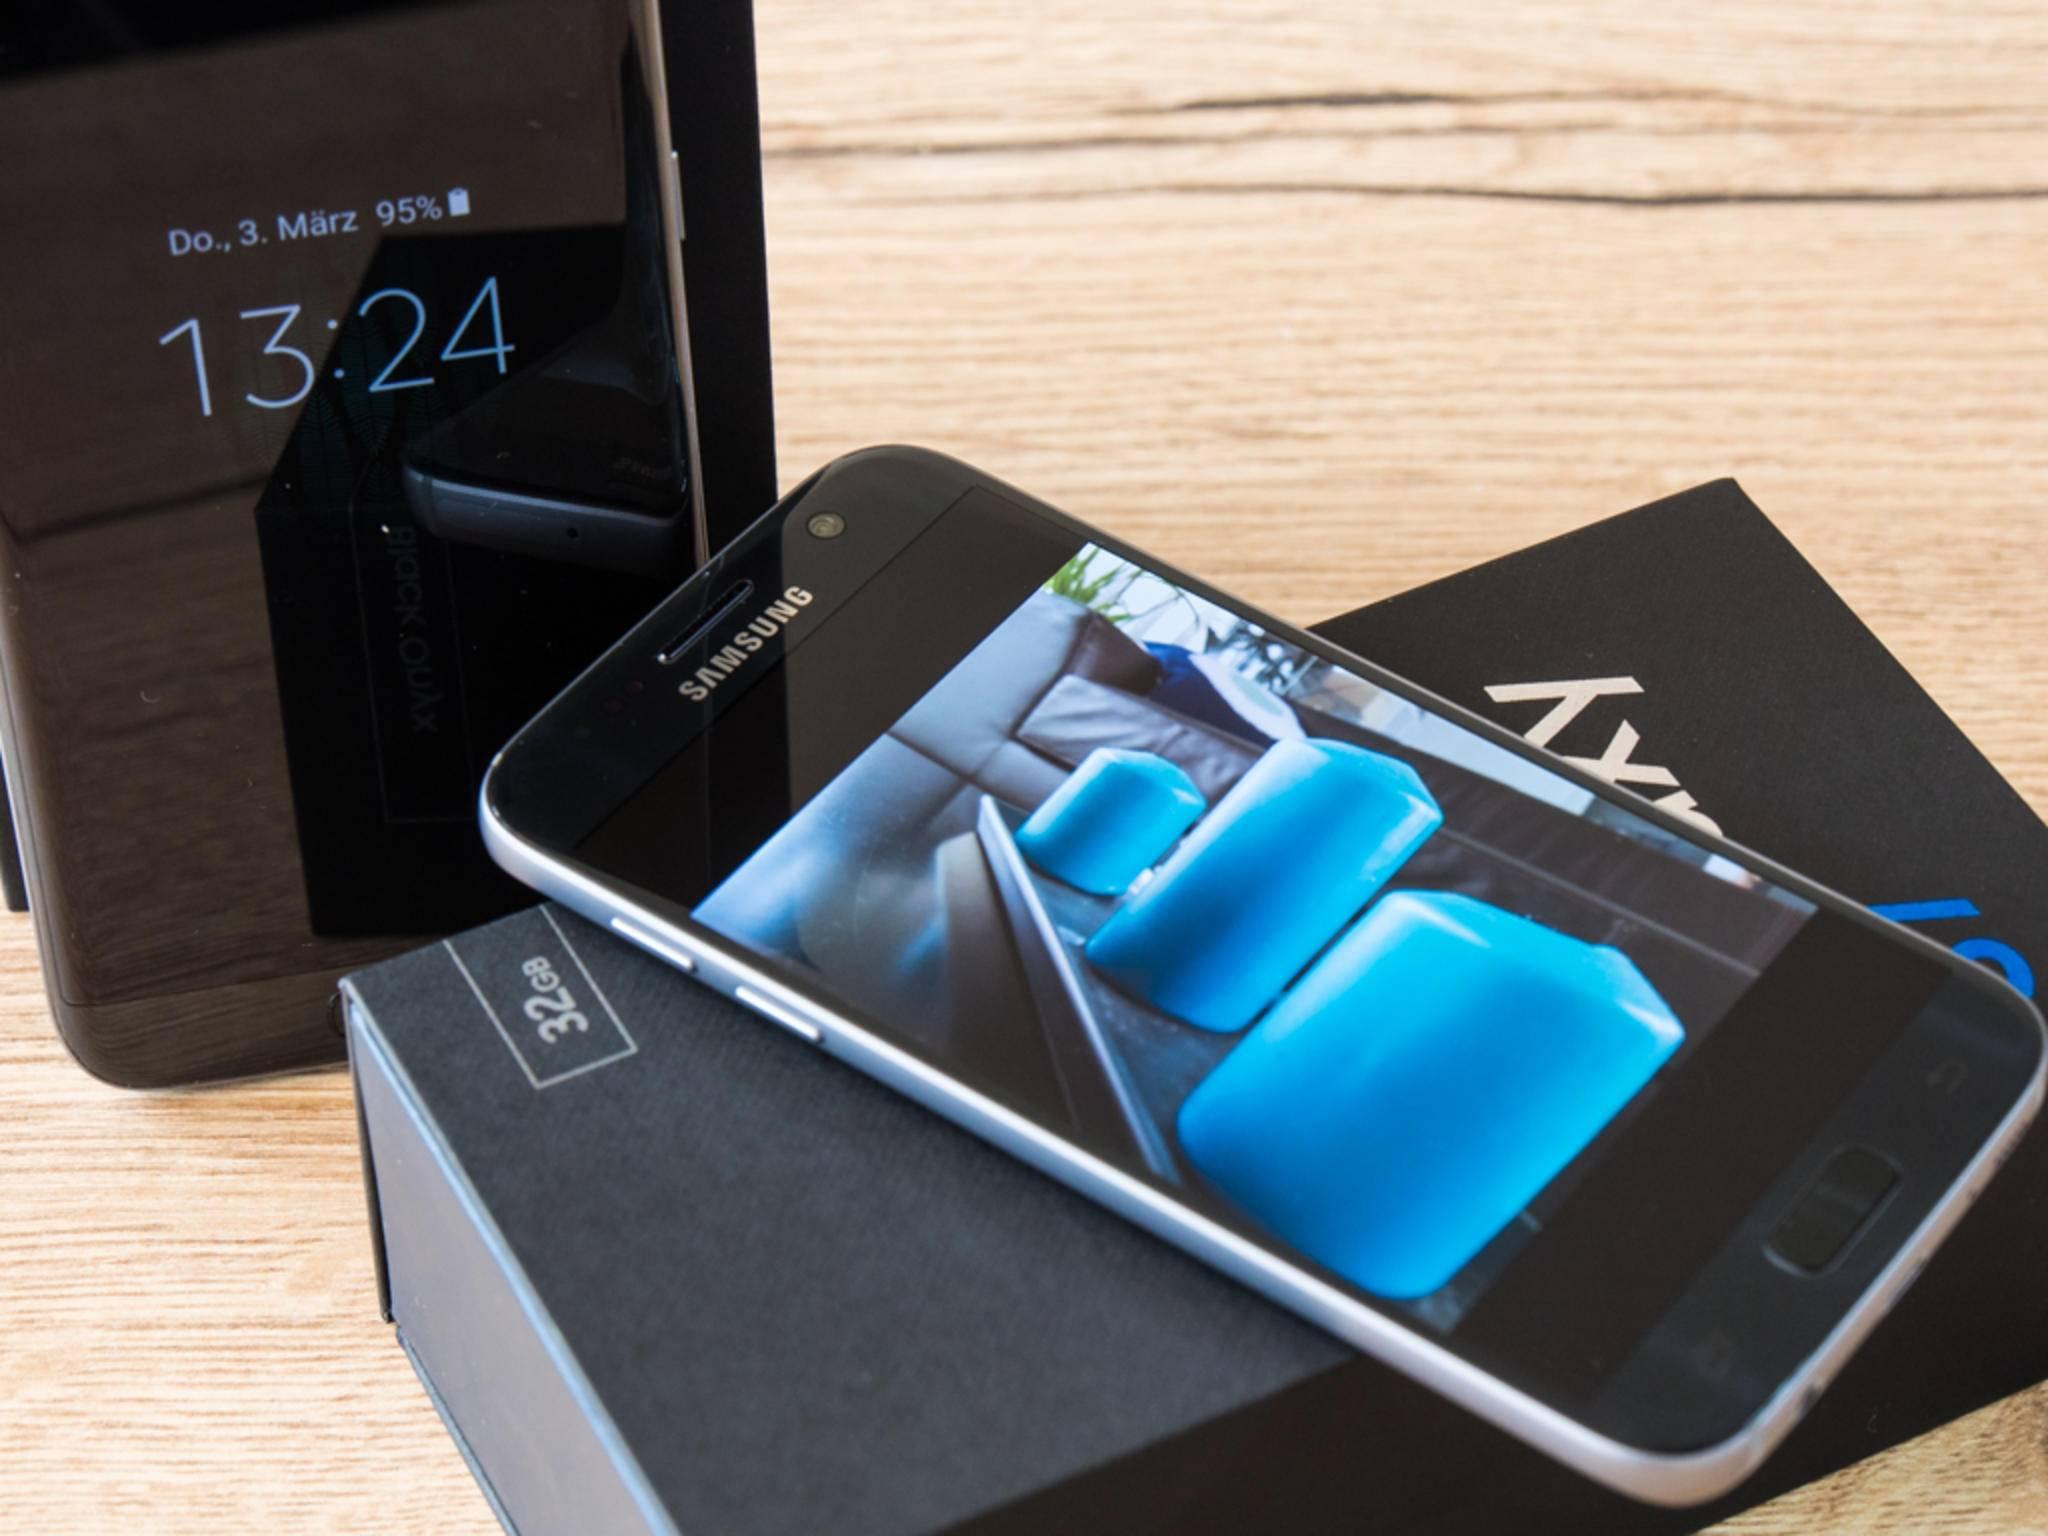 Das Galaxy S7 und das S7 Edge erhalten mit dem Update auf Android 7.0 Nougat neue Features.